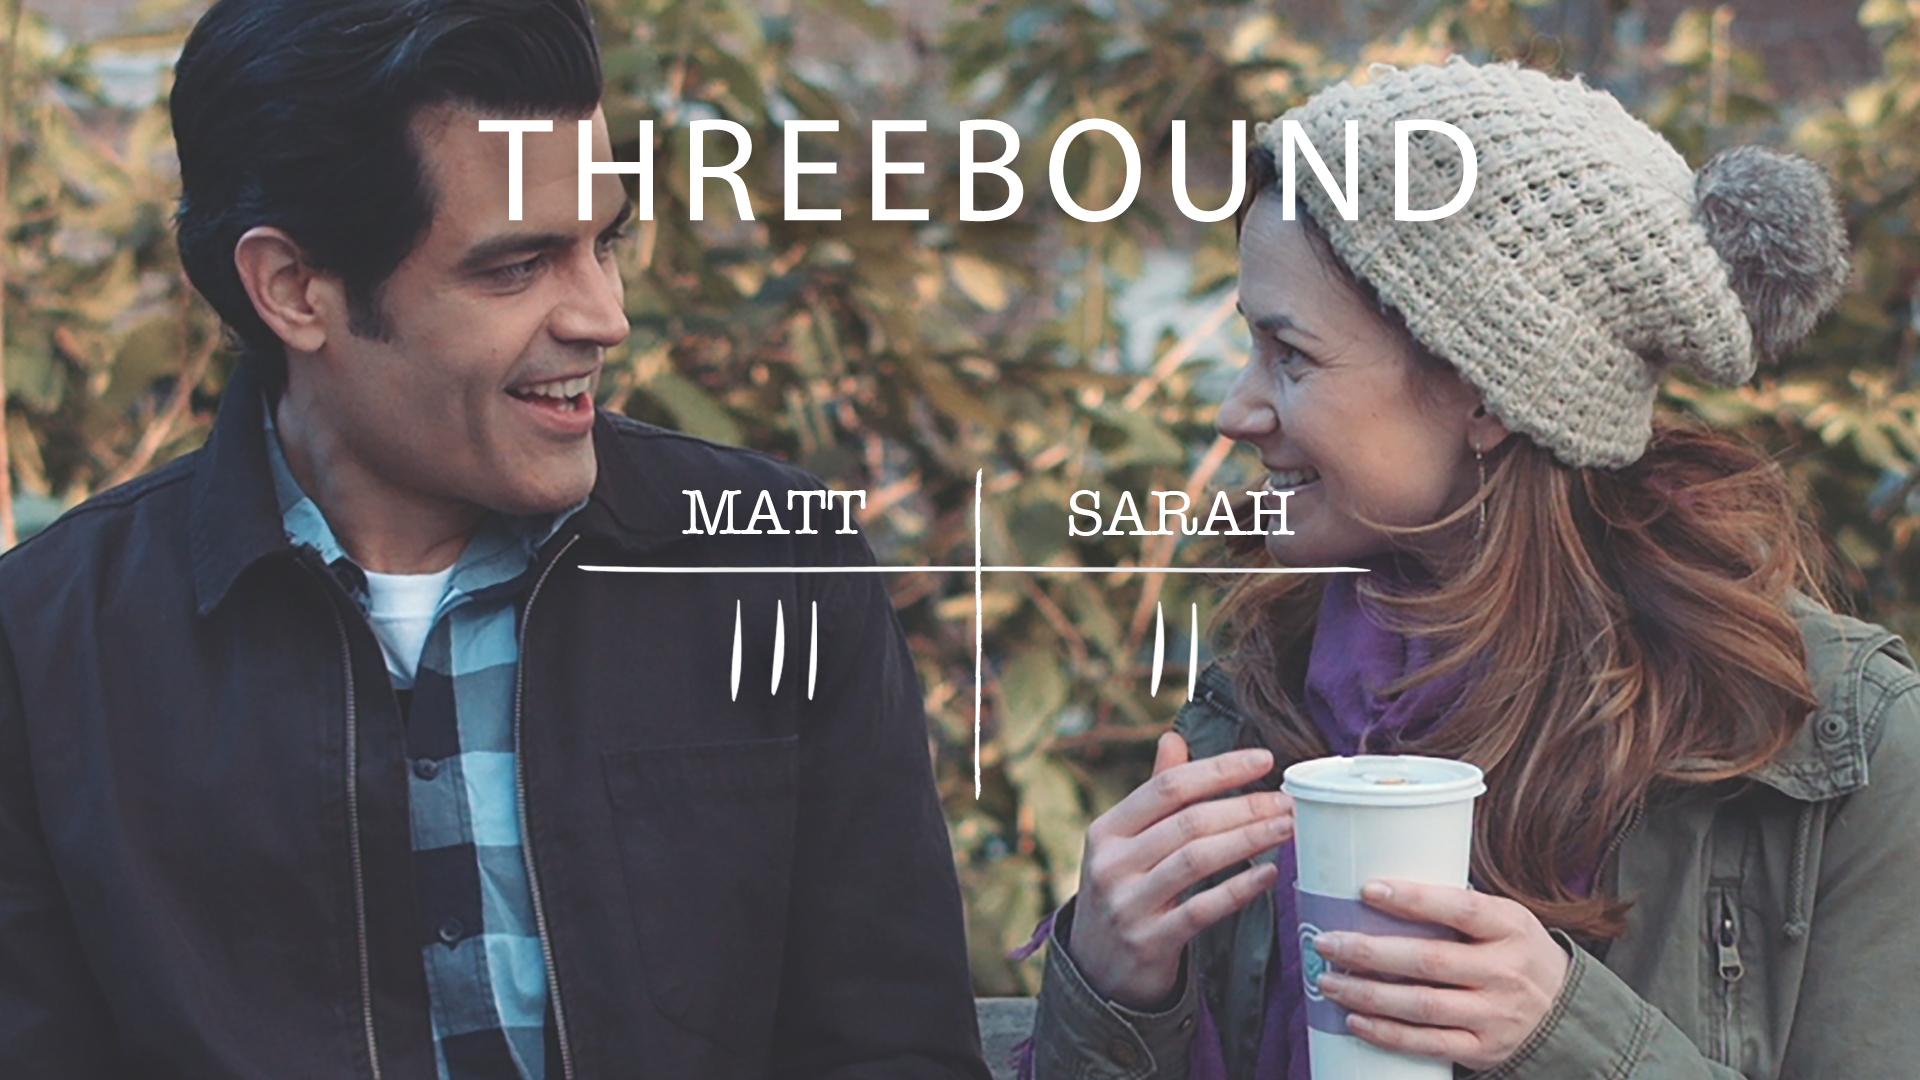 Threebound